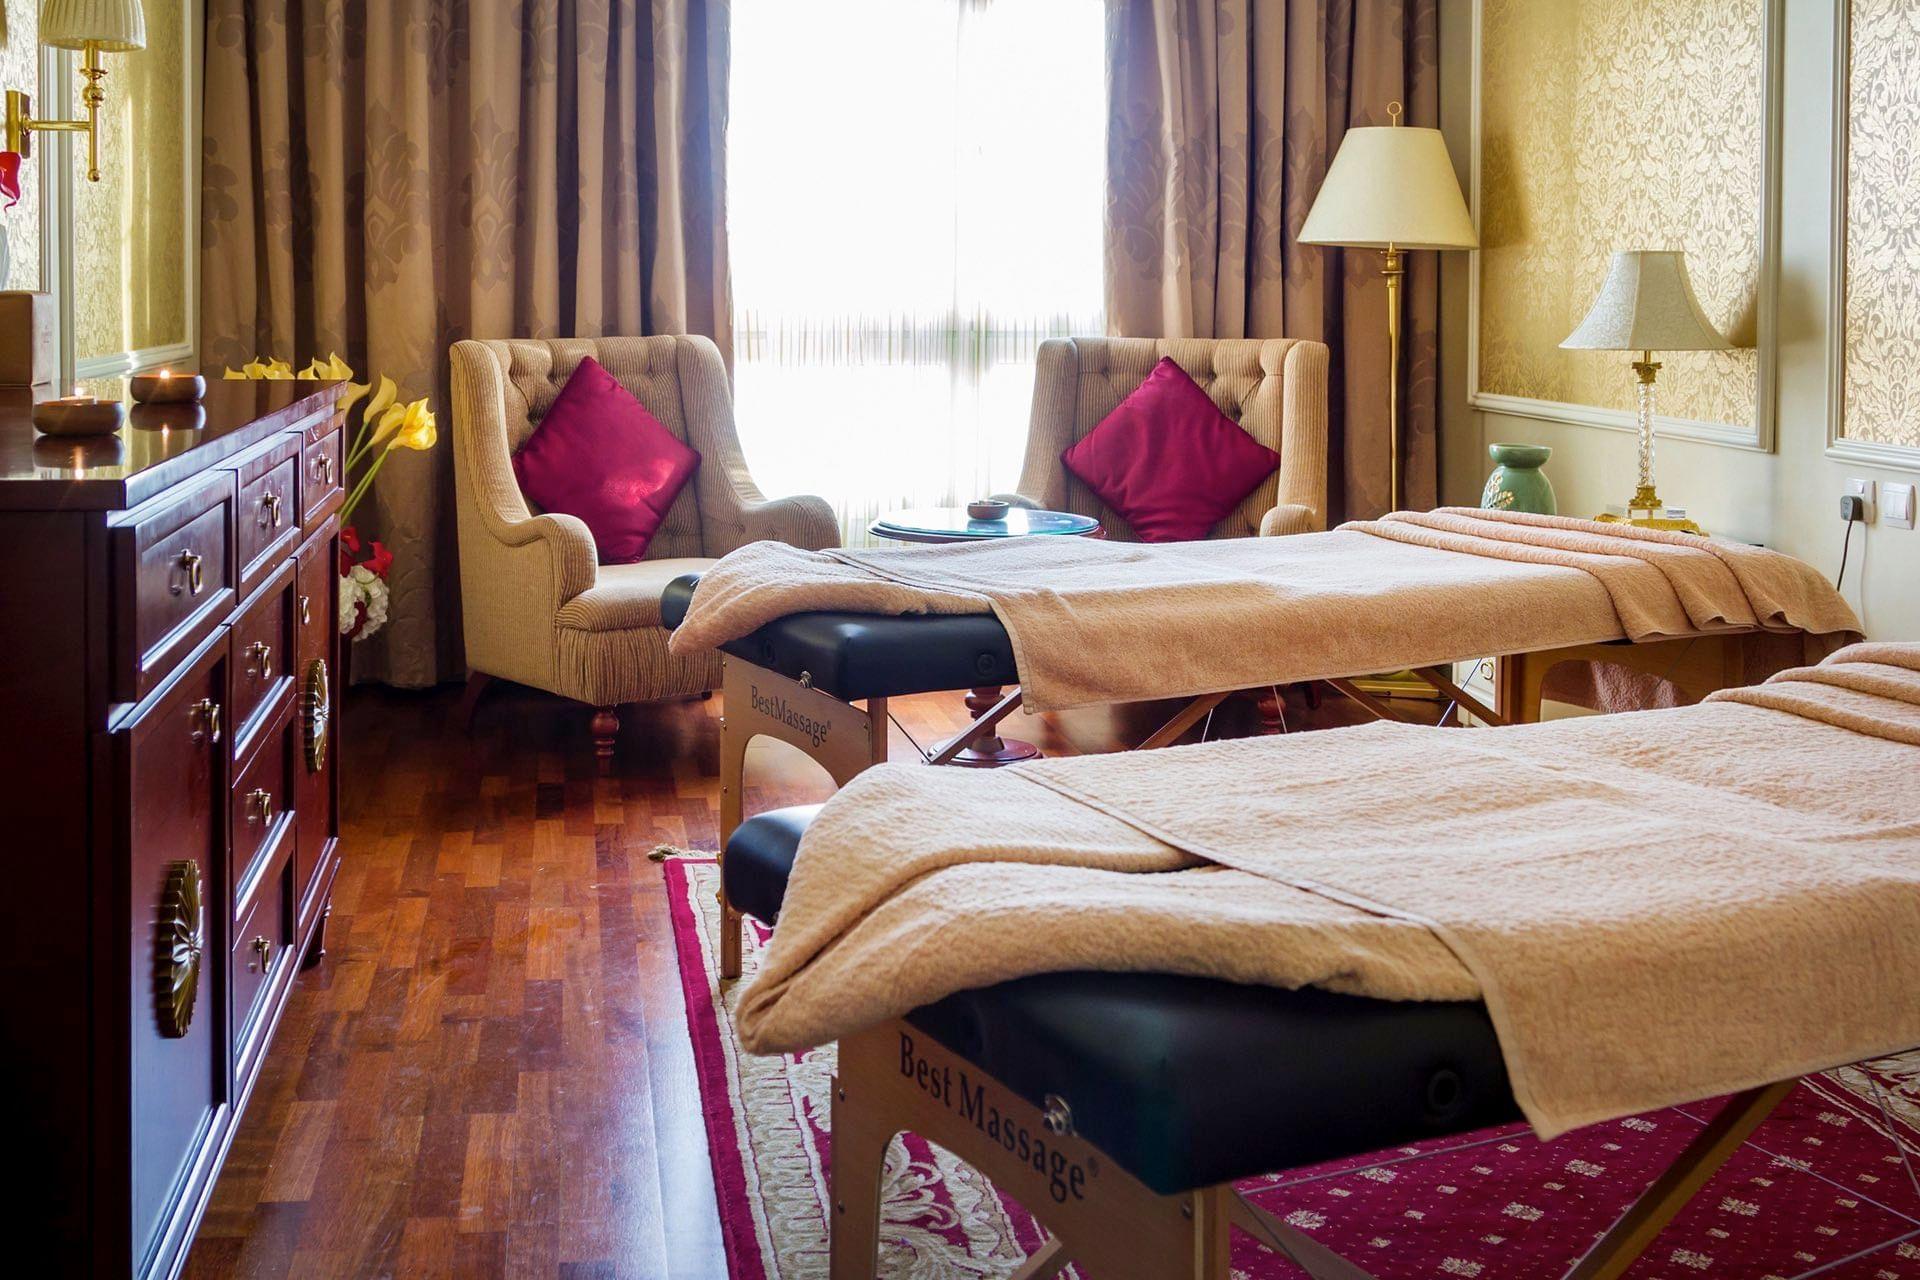 غرفة التدليك في ورويك الدوحة